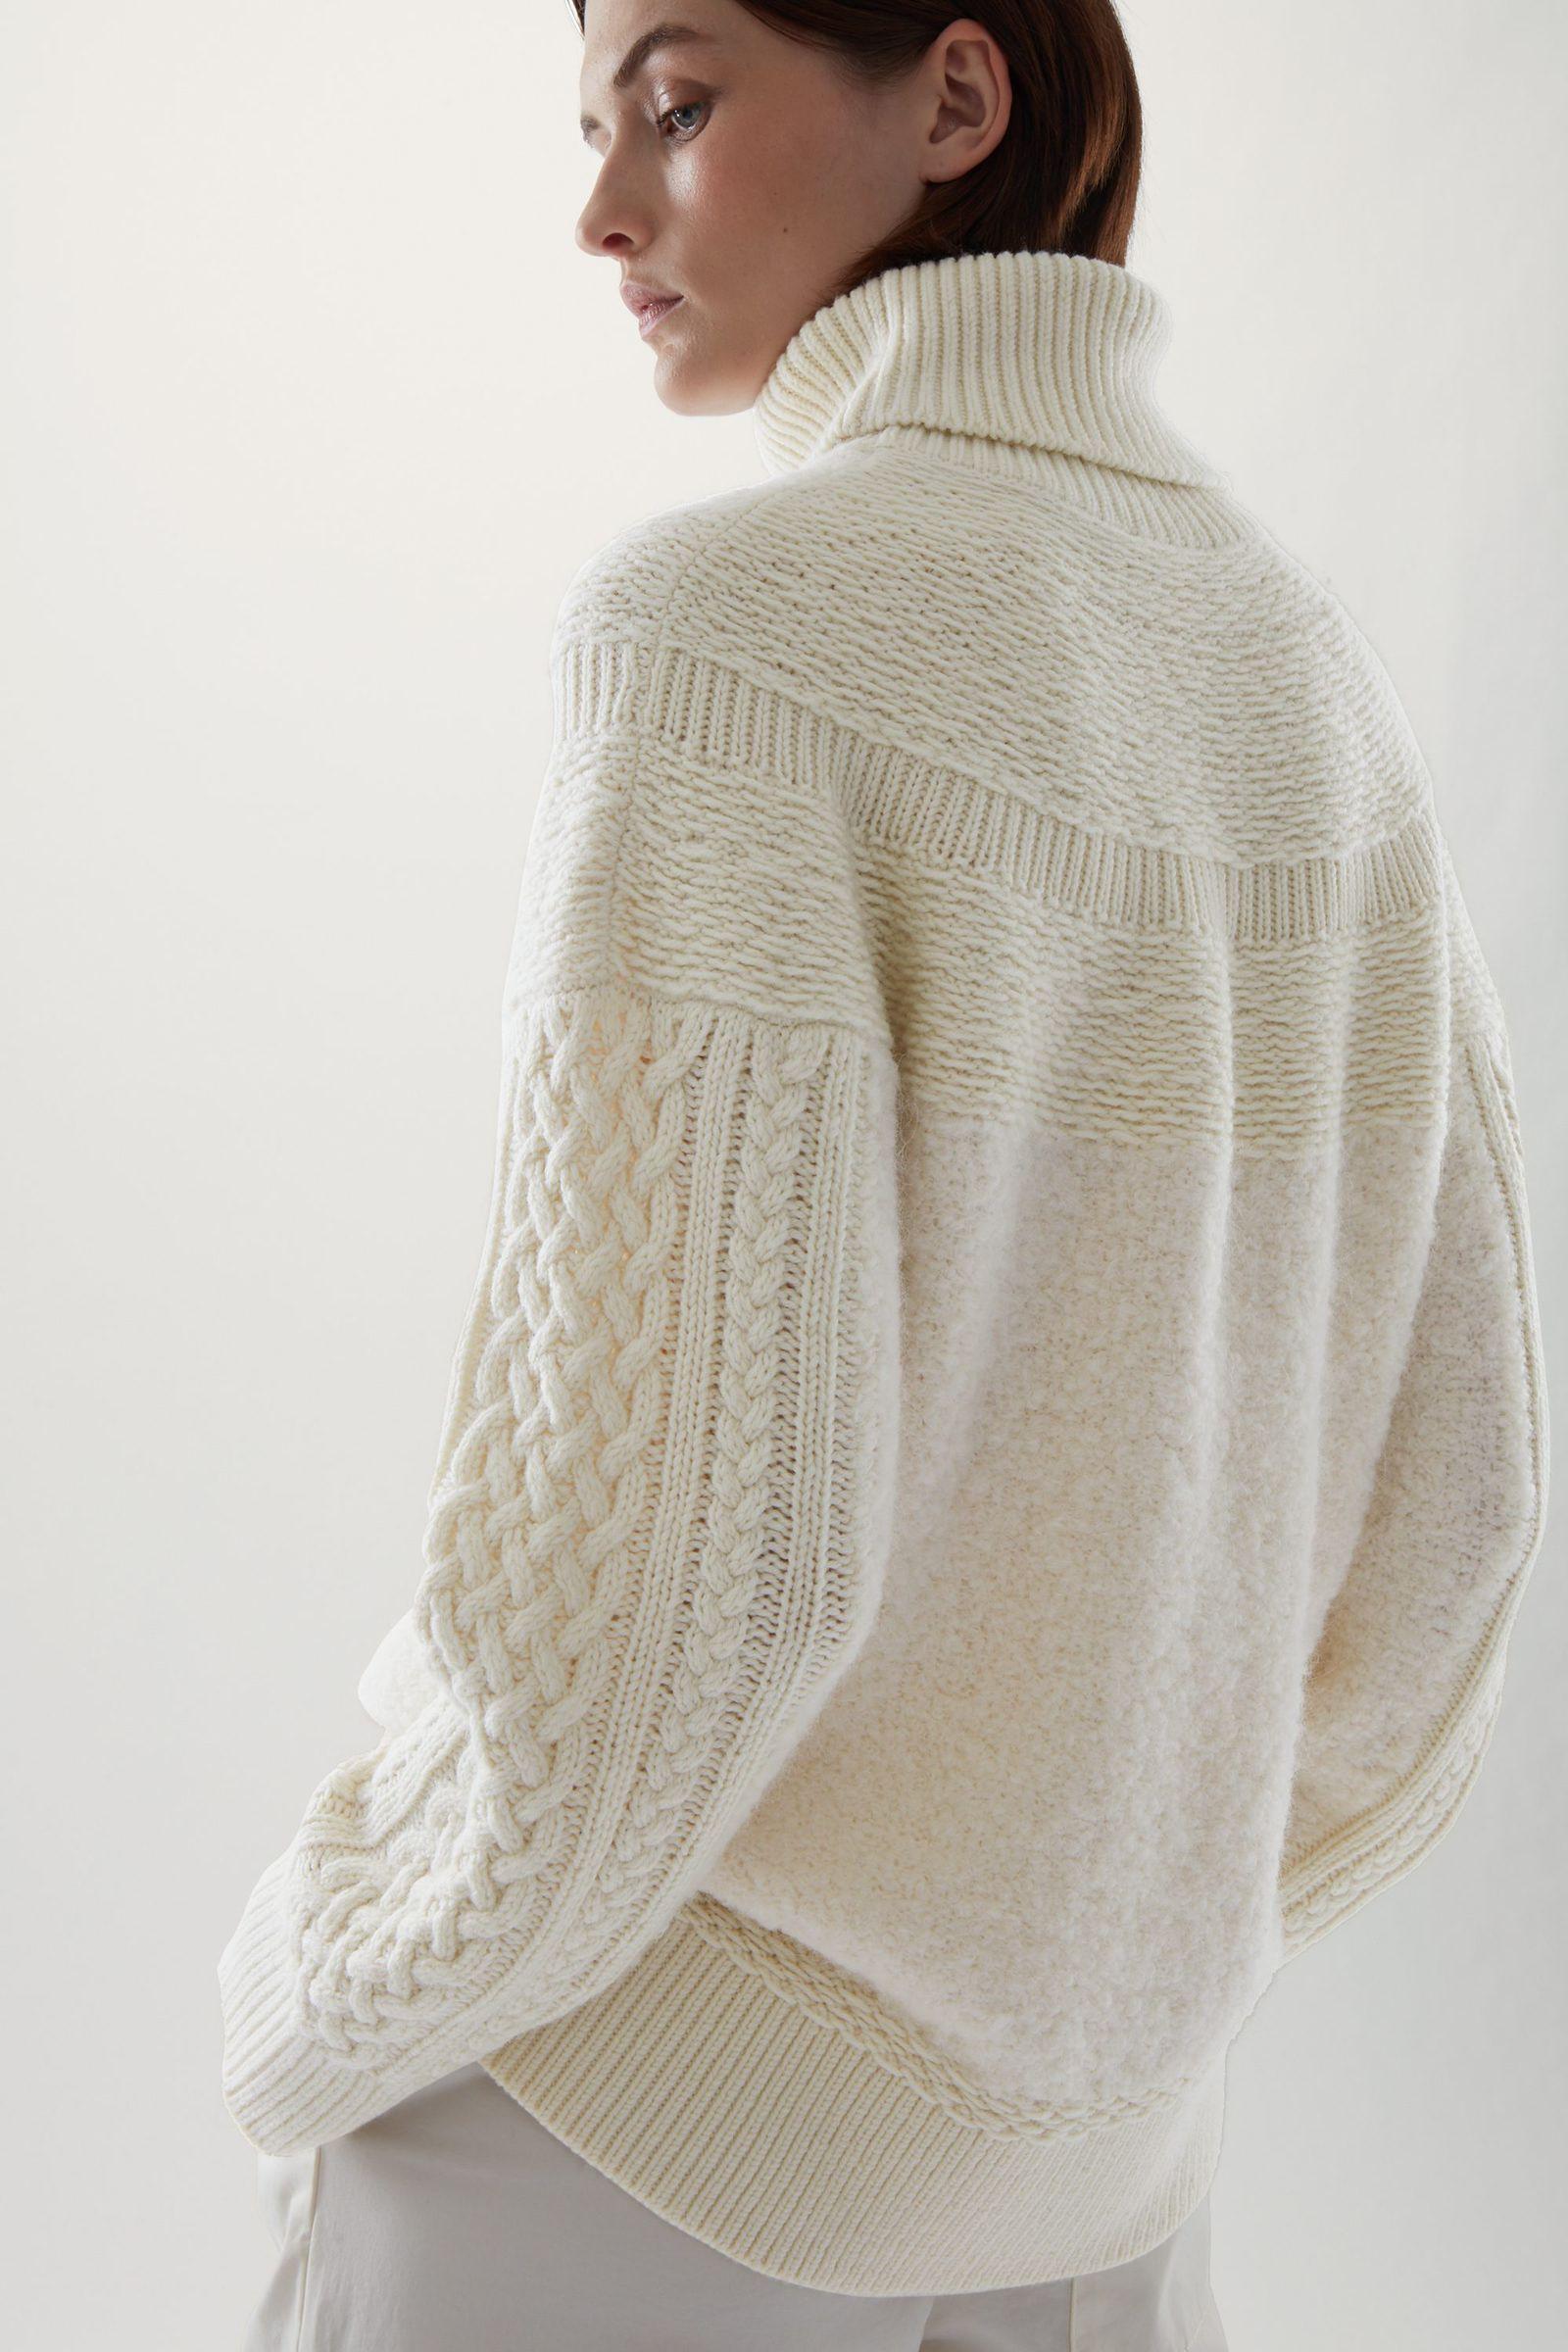 COS 니티드 울 알파카 스웨터의 화이트컬러 ECOMLook입니다.